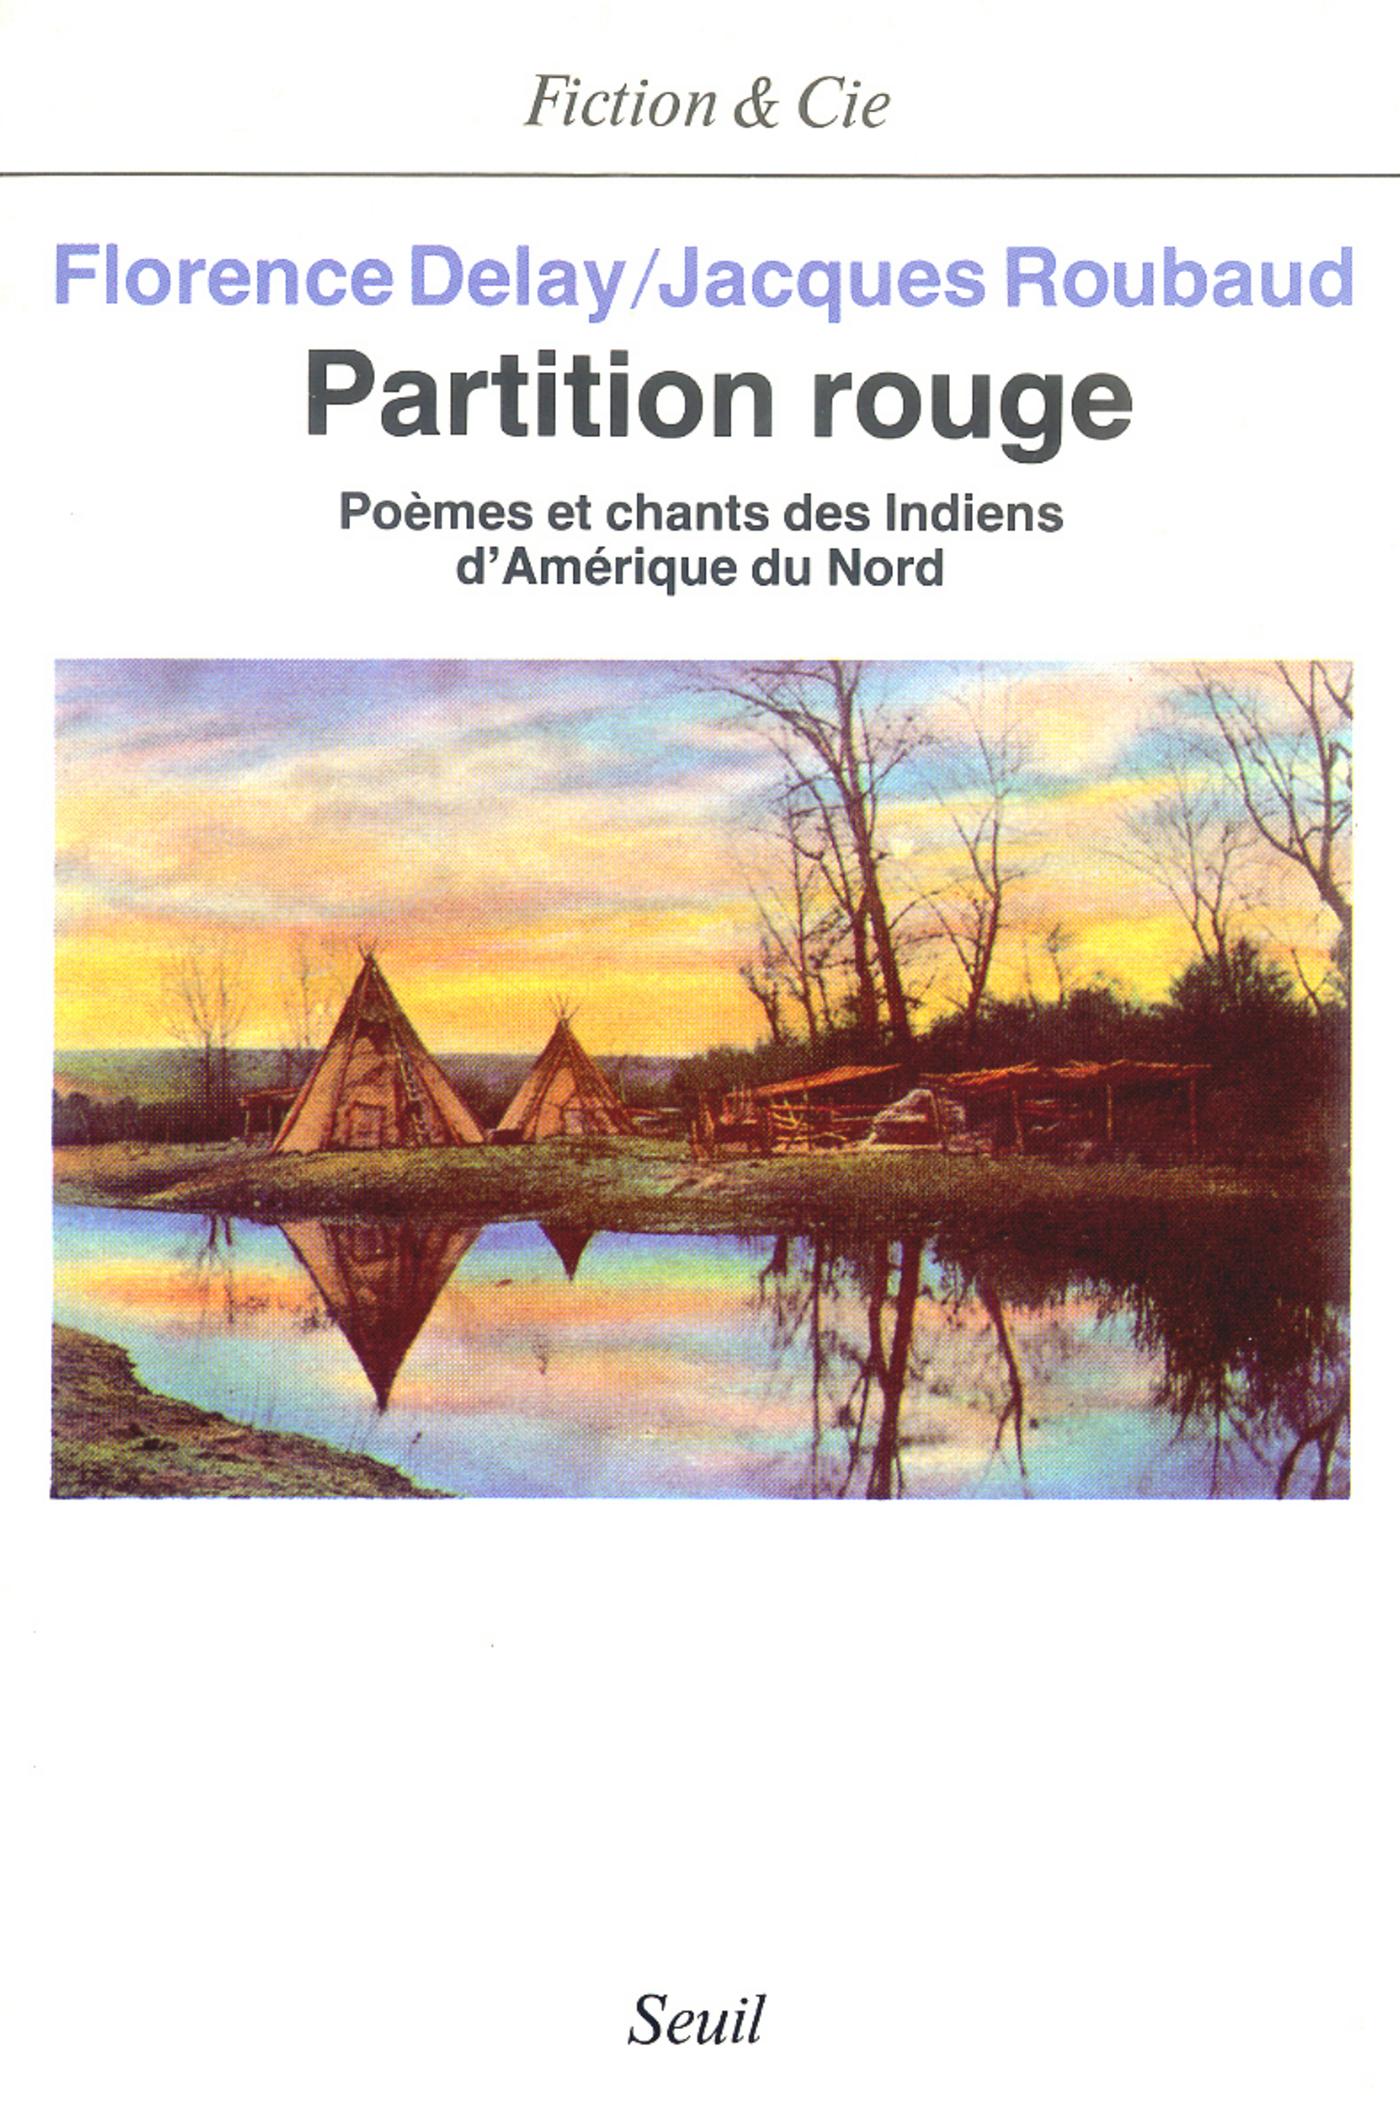 Partition rouge. Poèmes et chants des Indiens d'Amérique du Nord